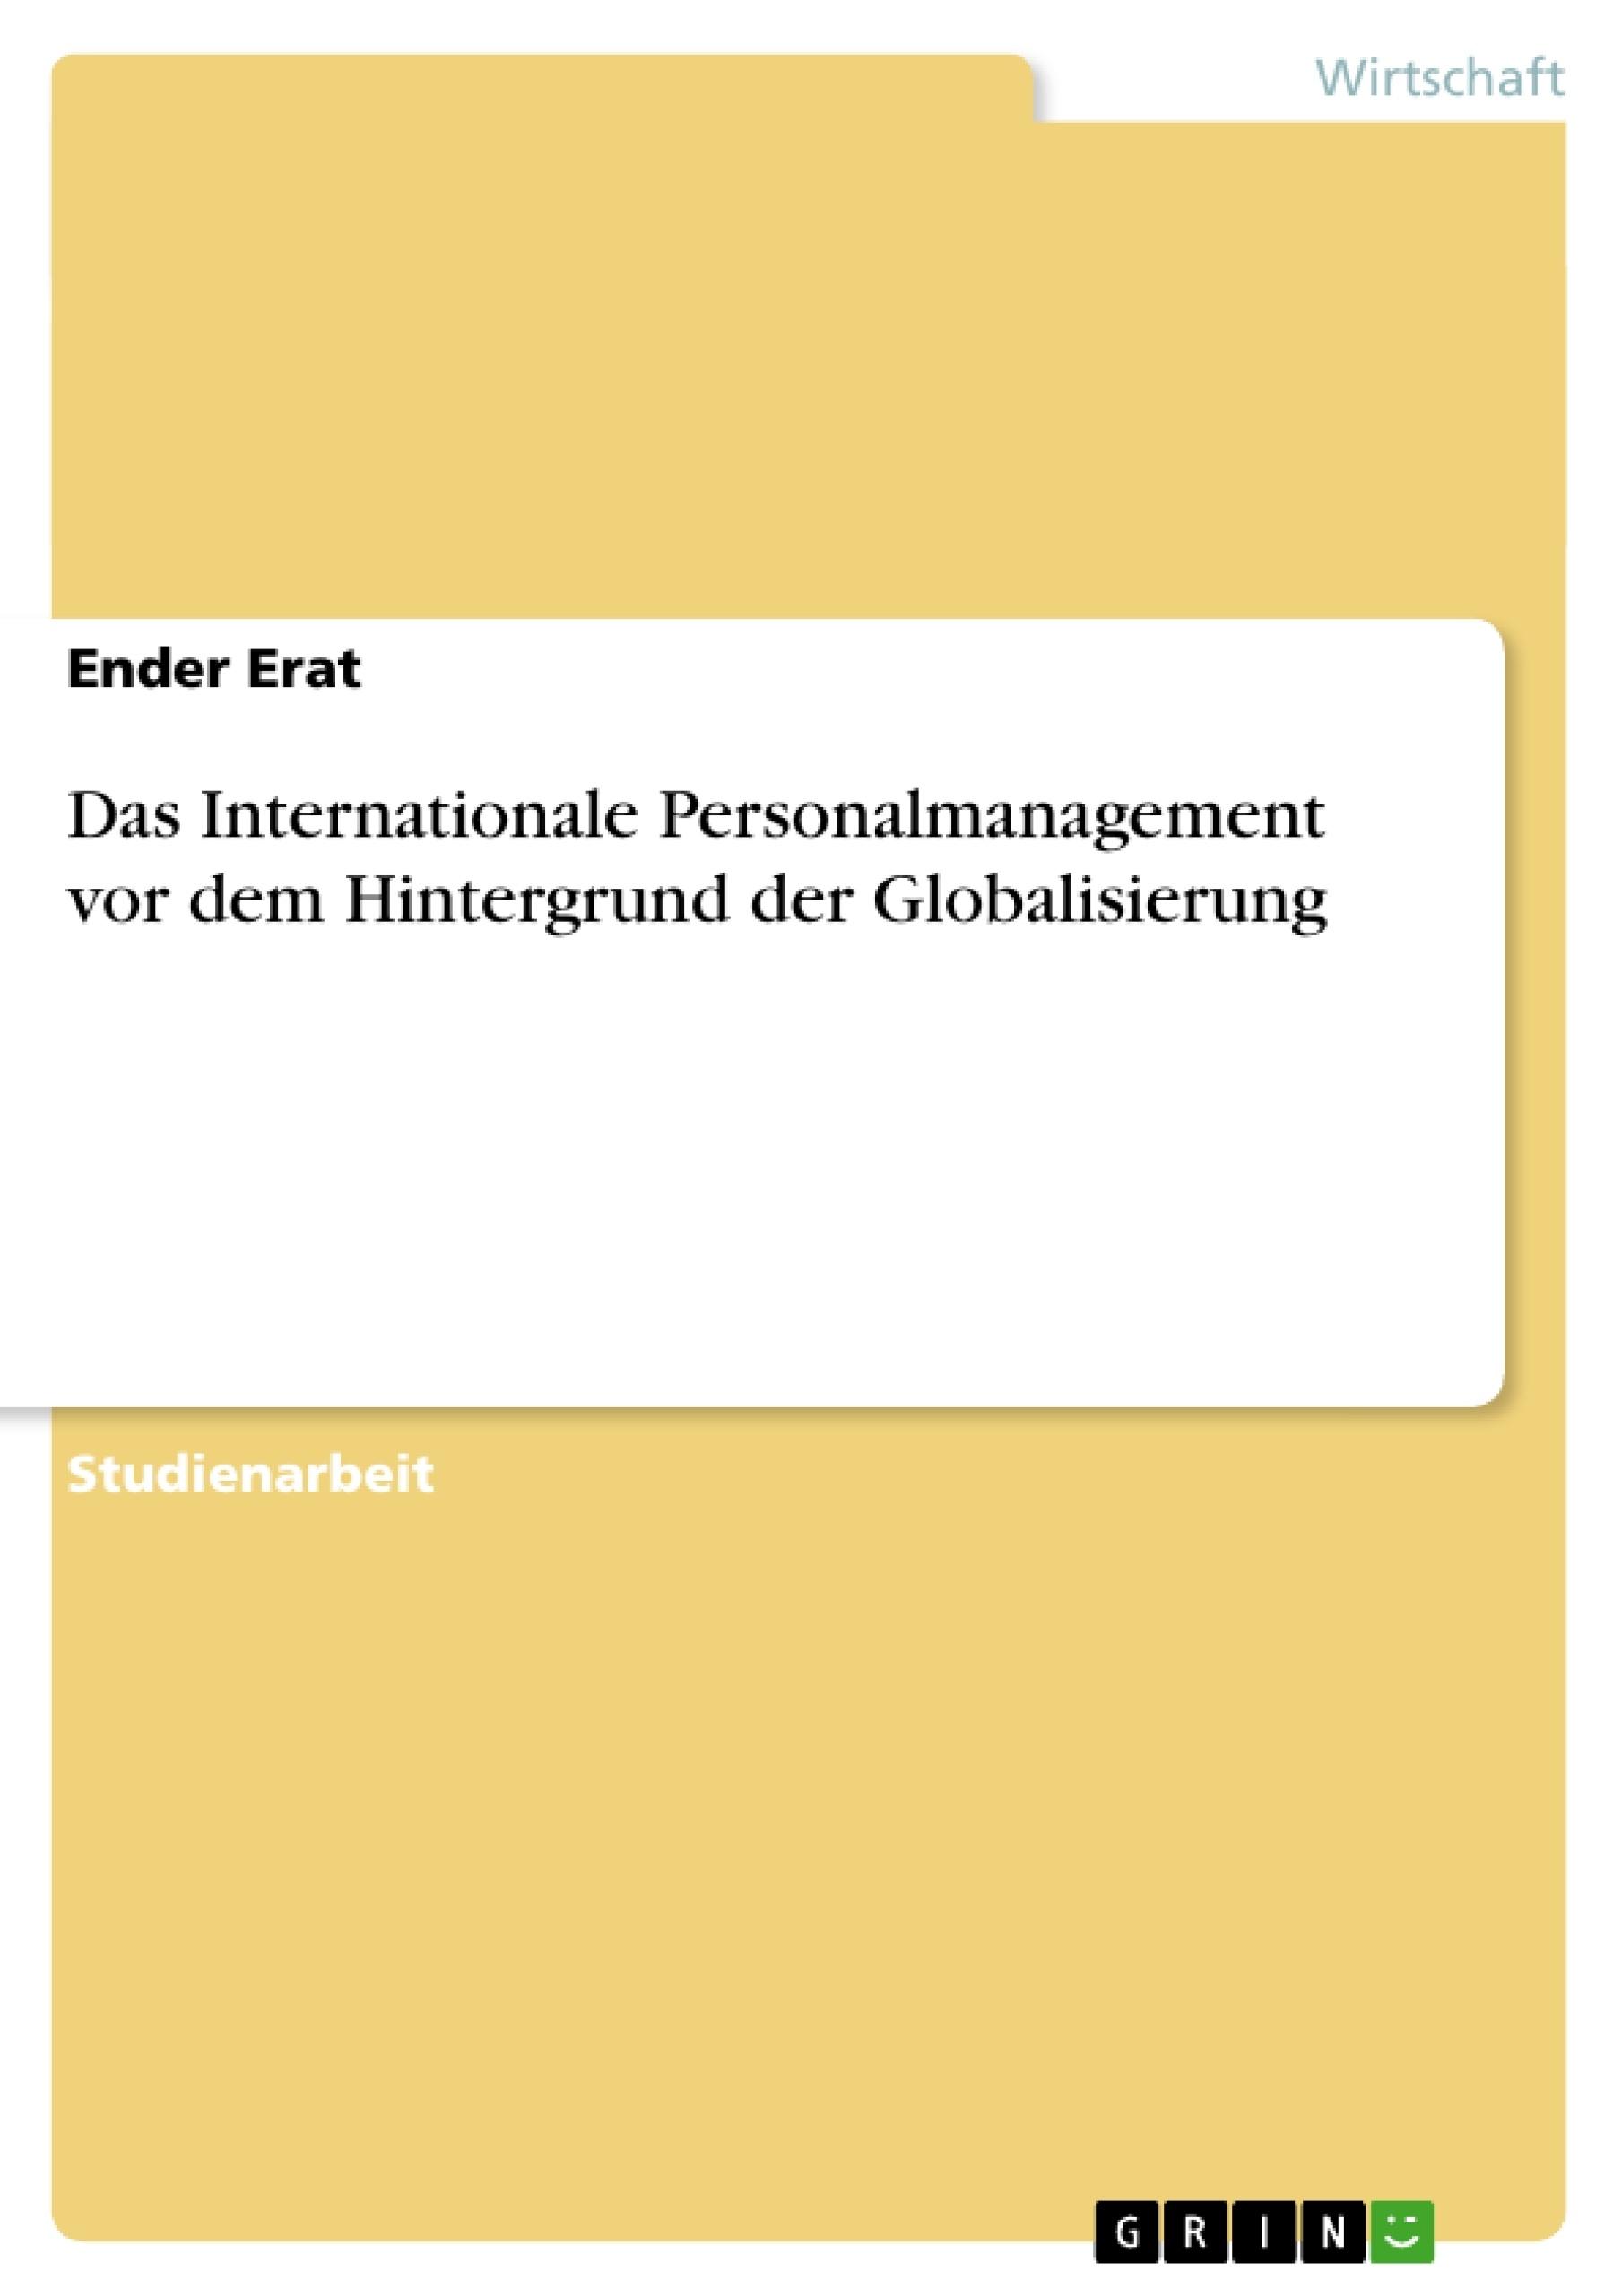 Titel: Das Internationale Personalmanagement vor dem Hintergrund der Globalisierung